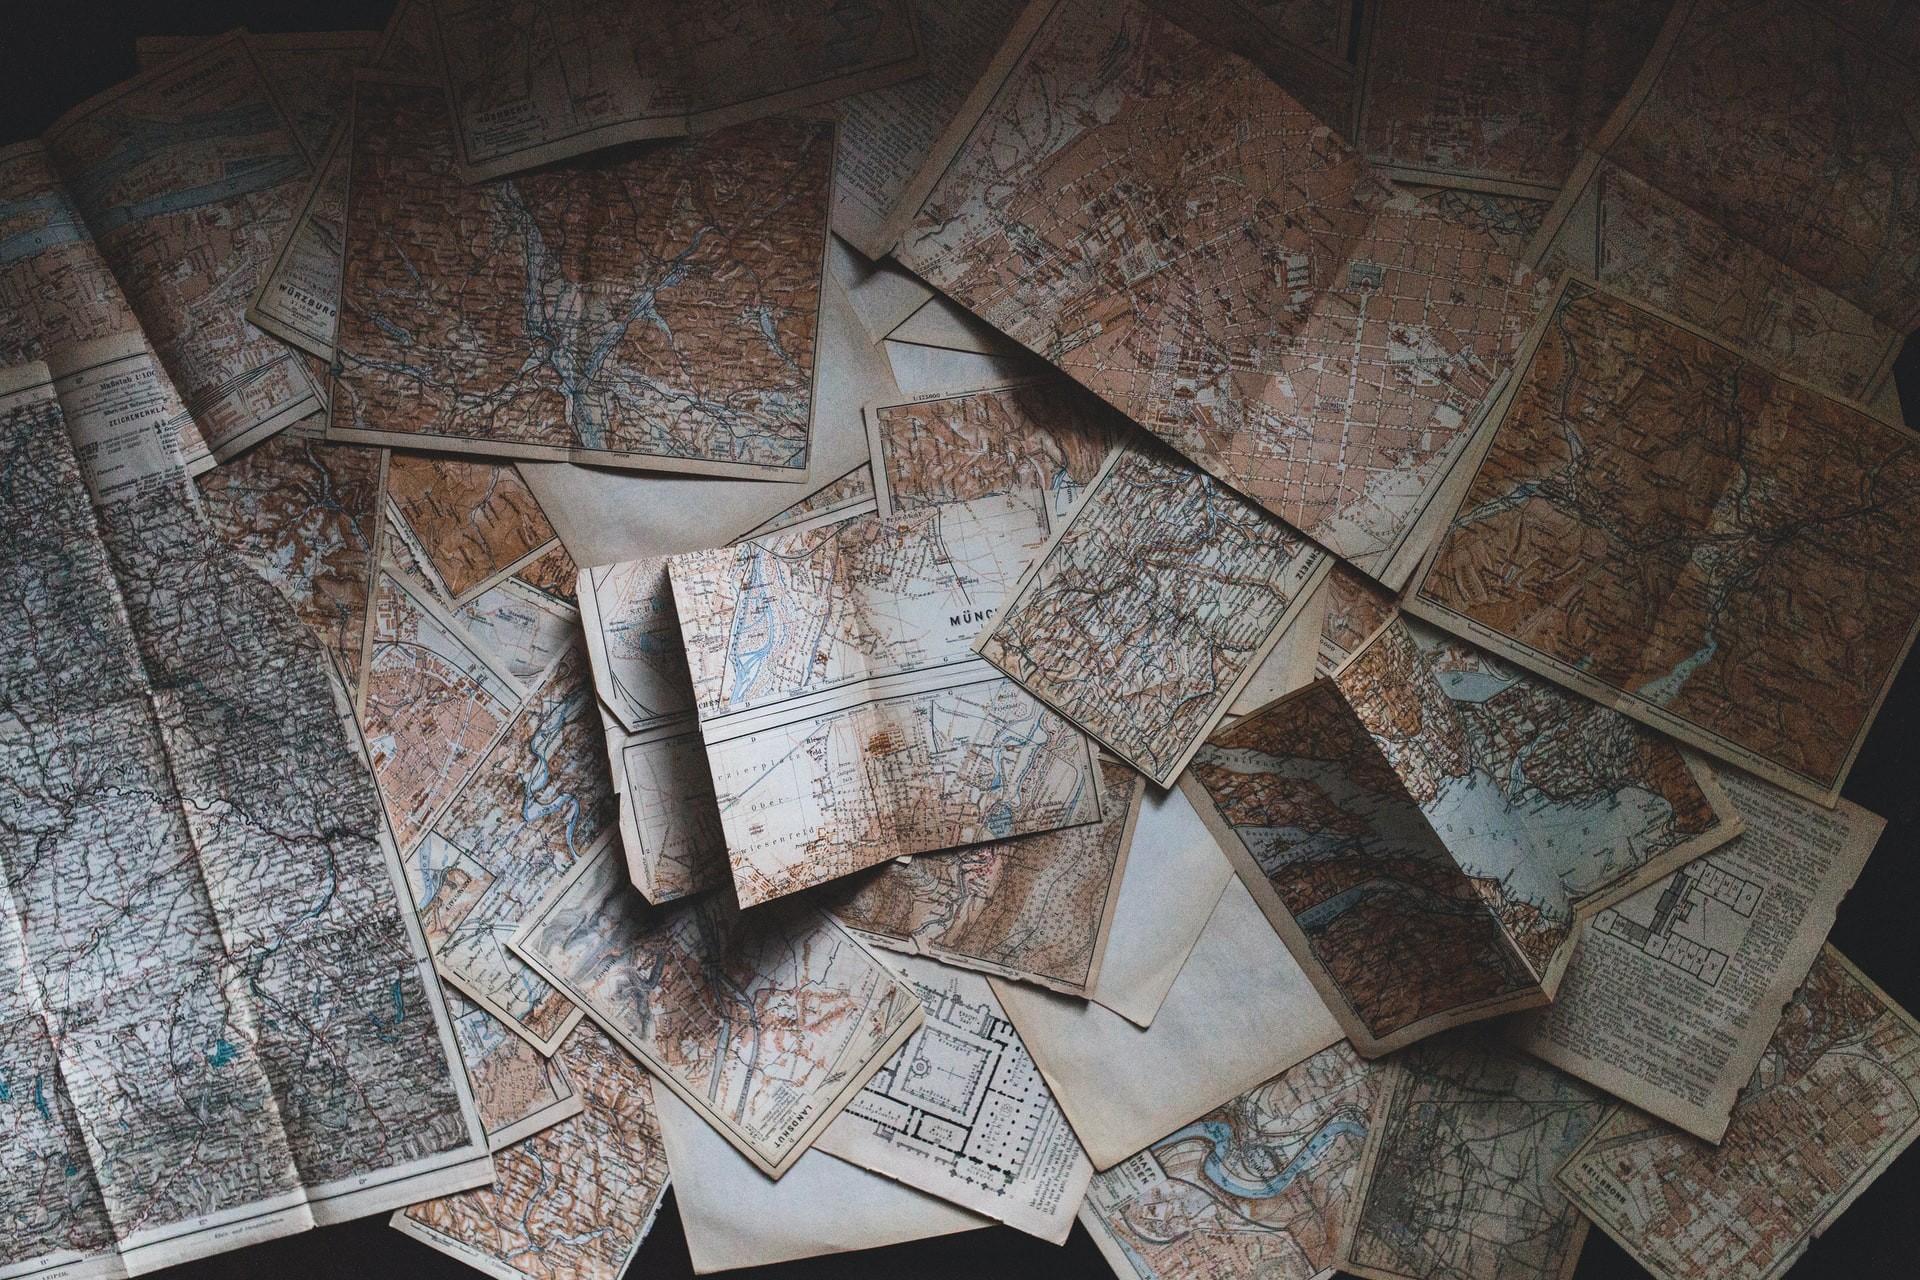 Foto aus der Vogelperspektive auf eine Viezahl ausgebreiteter Landkarten.